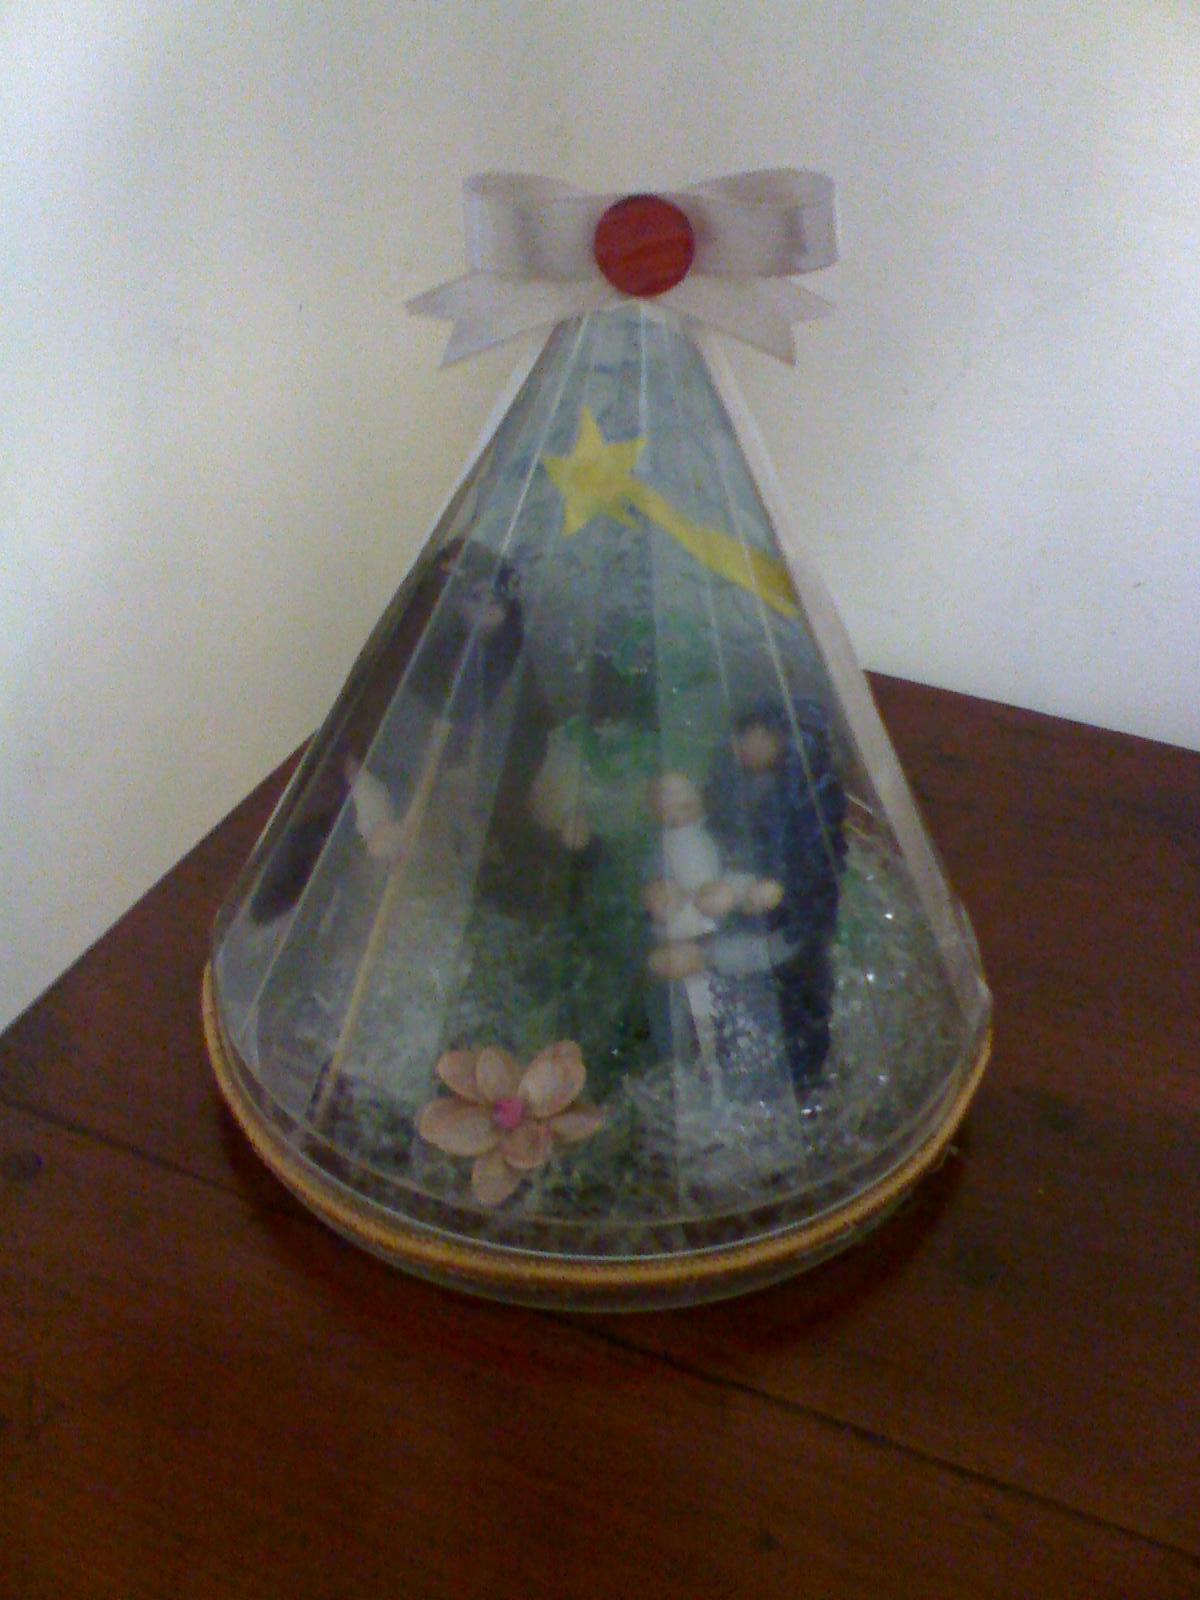 Riciclare Lampadine Fulminate: Riciclare vecchie lampadine ad incandescenza.